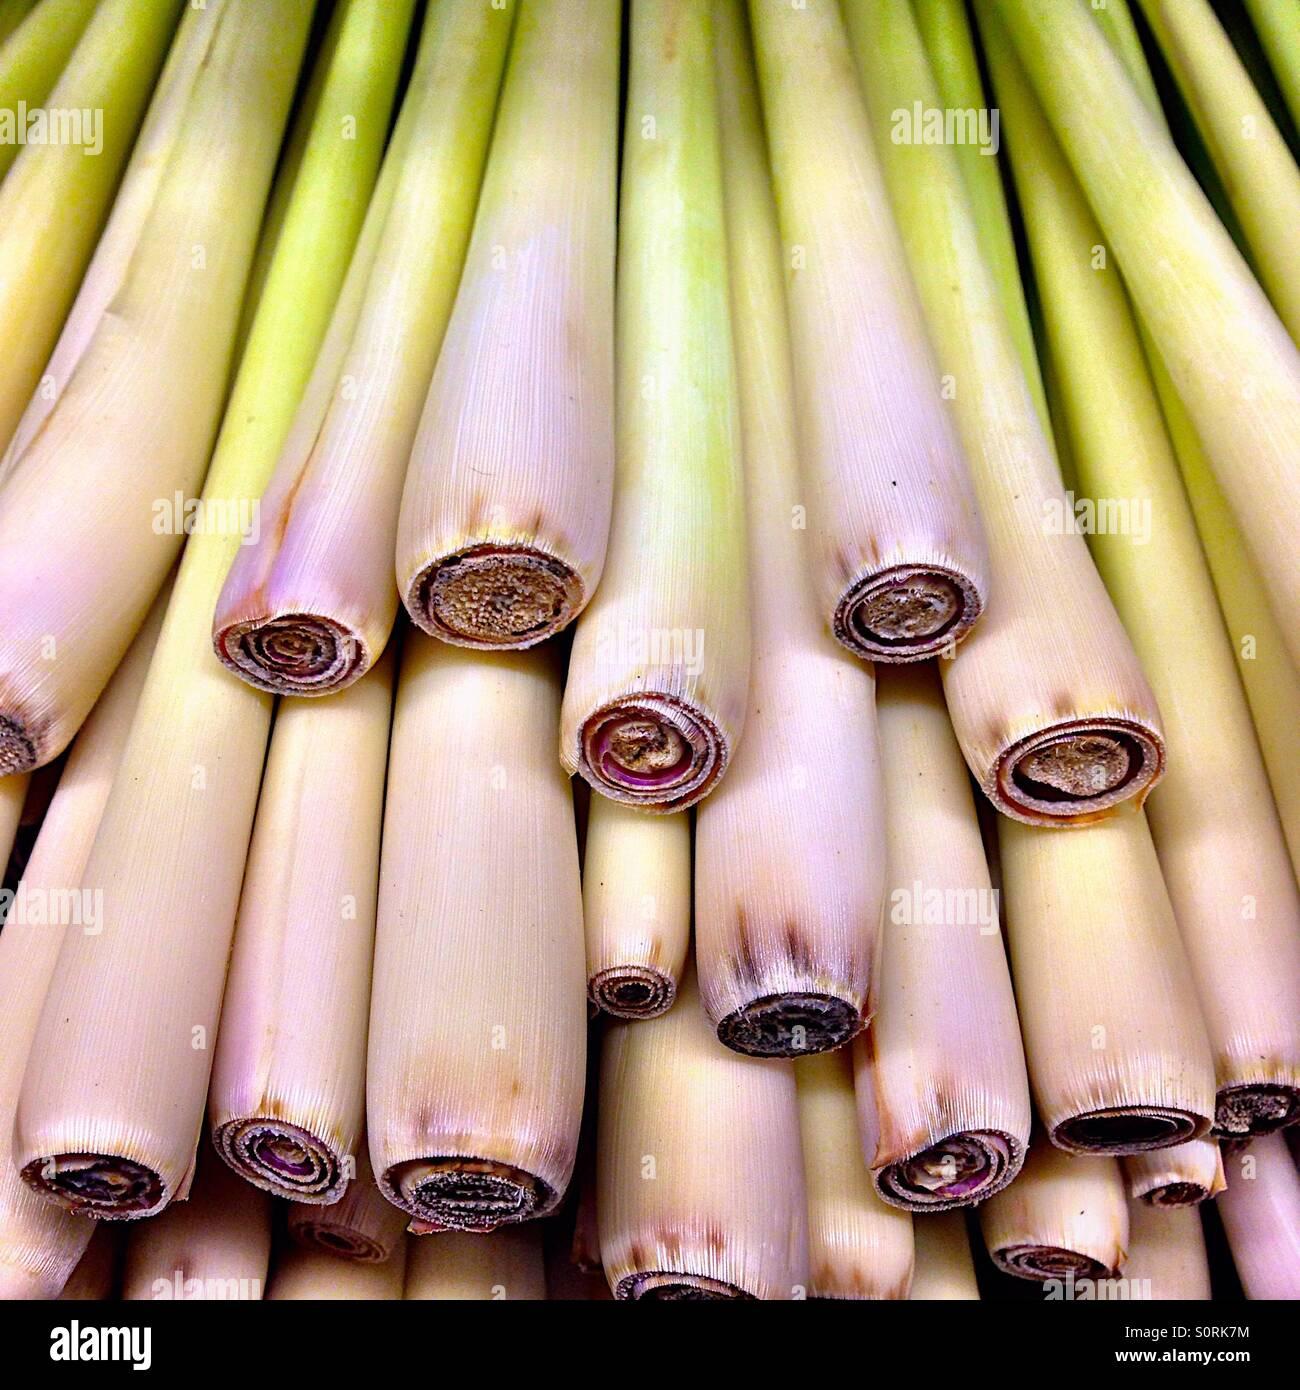 Lemongrass stalks - Stock Image